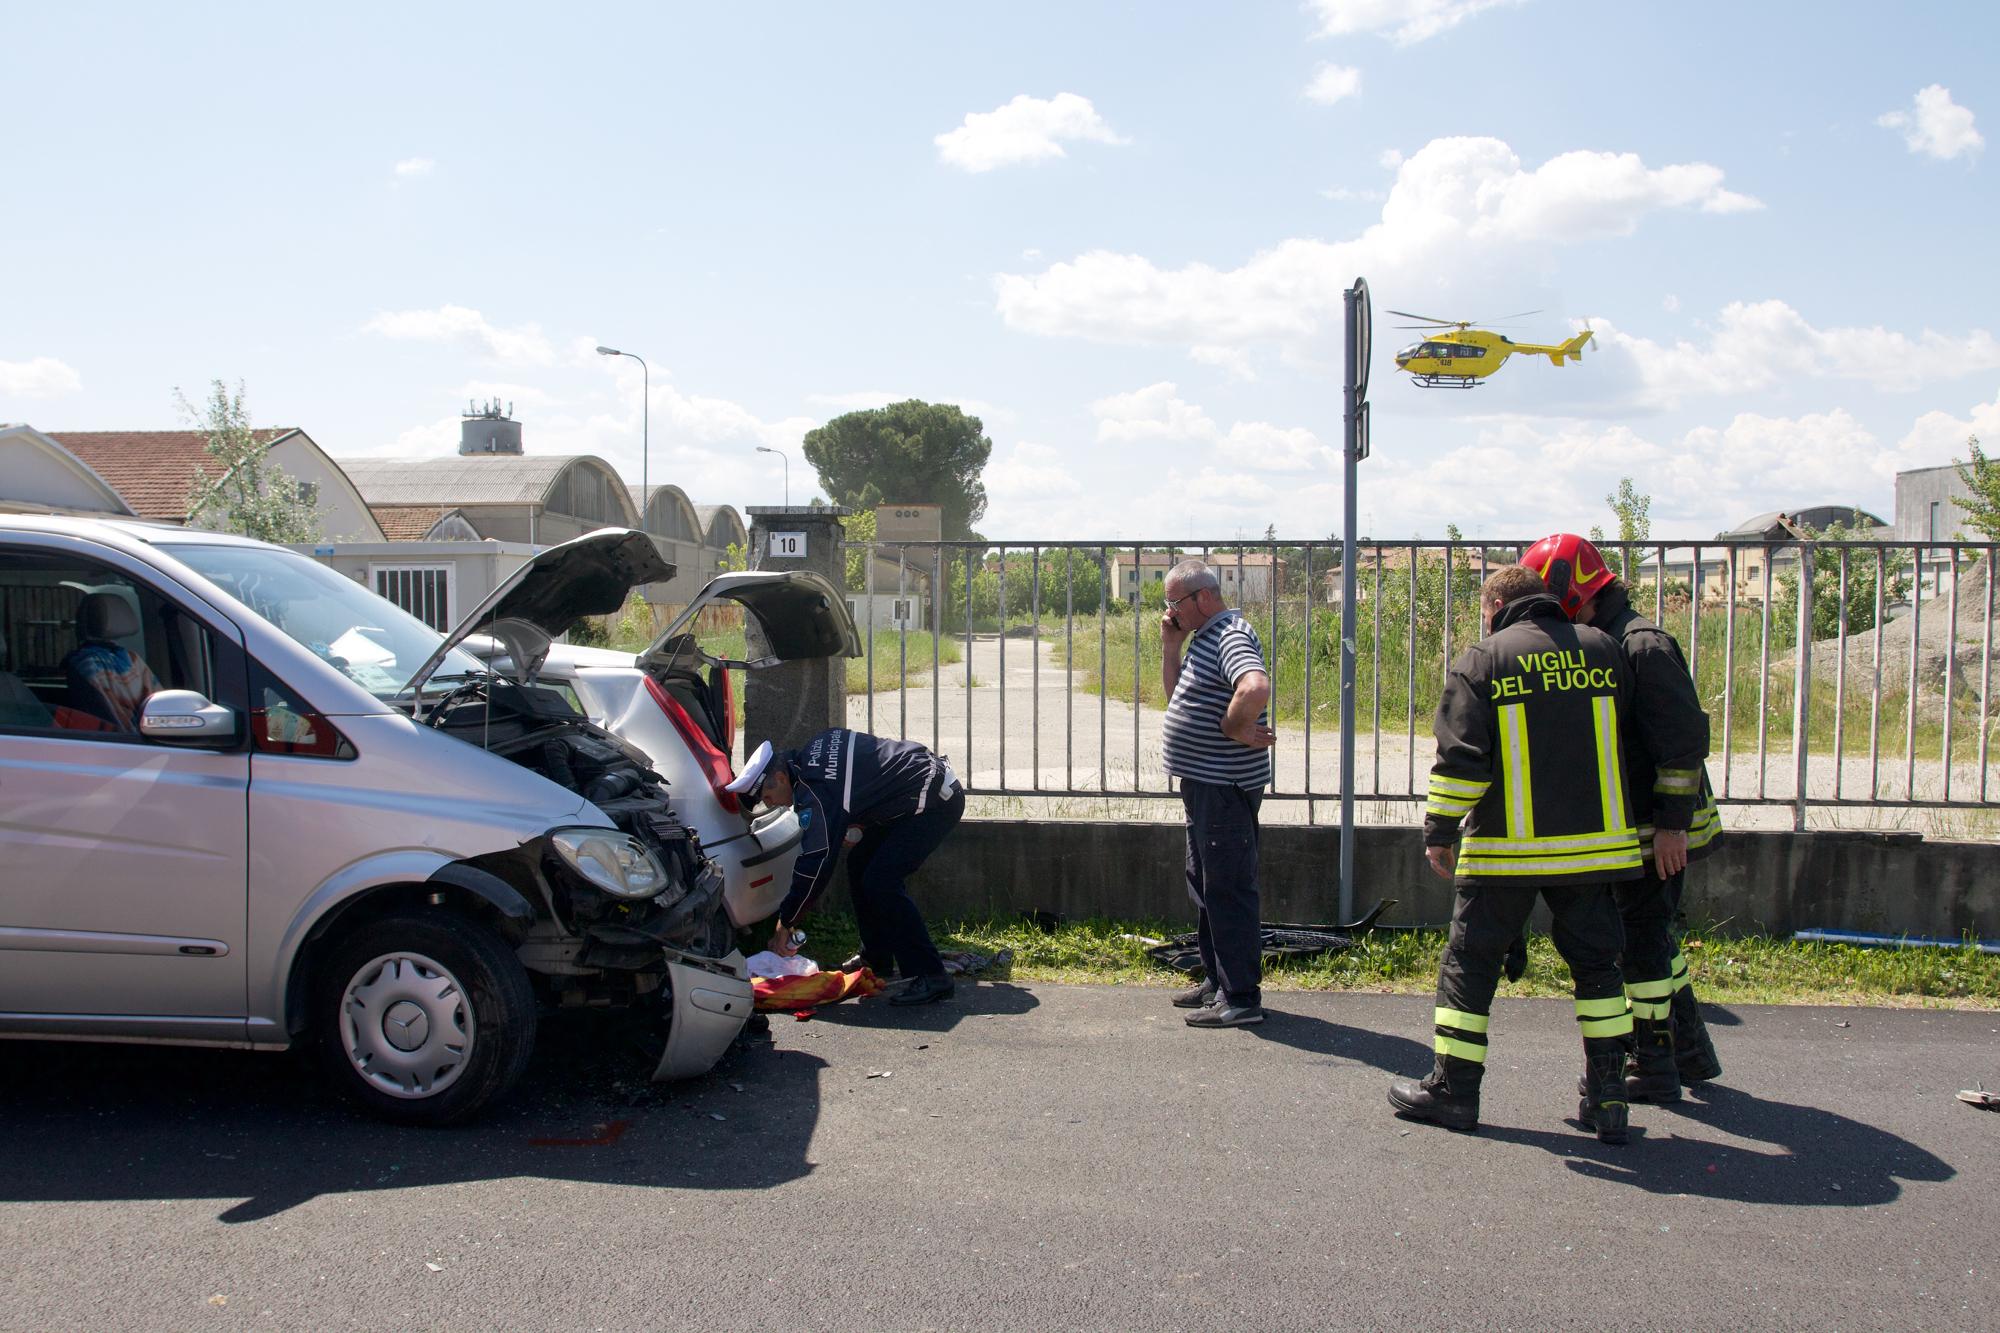 Cotignola, scontro tra un'auto e un pulmino, ferita una ragazza